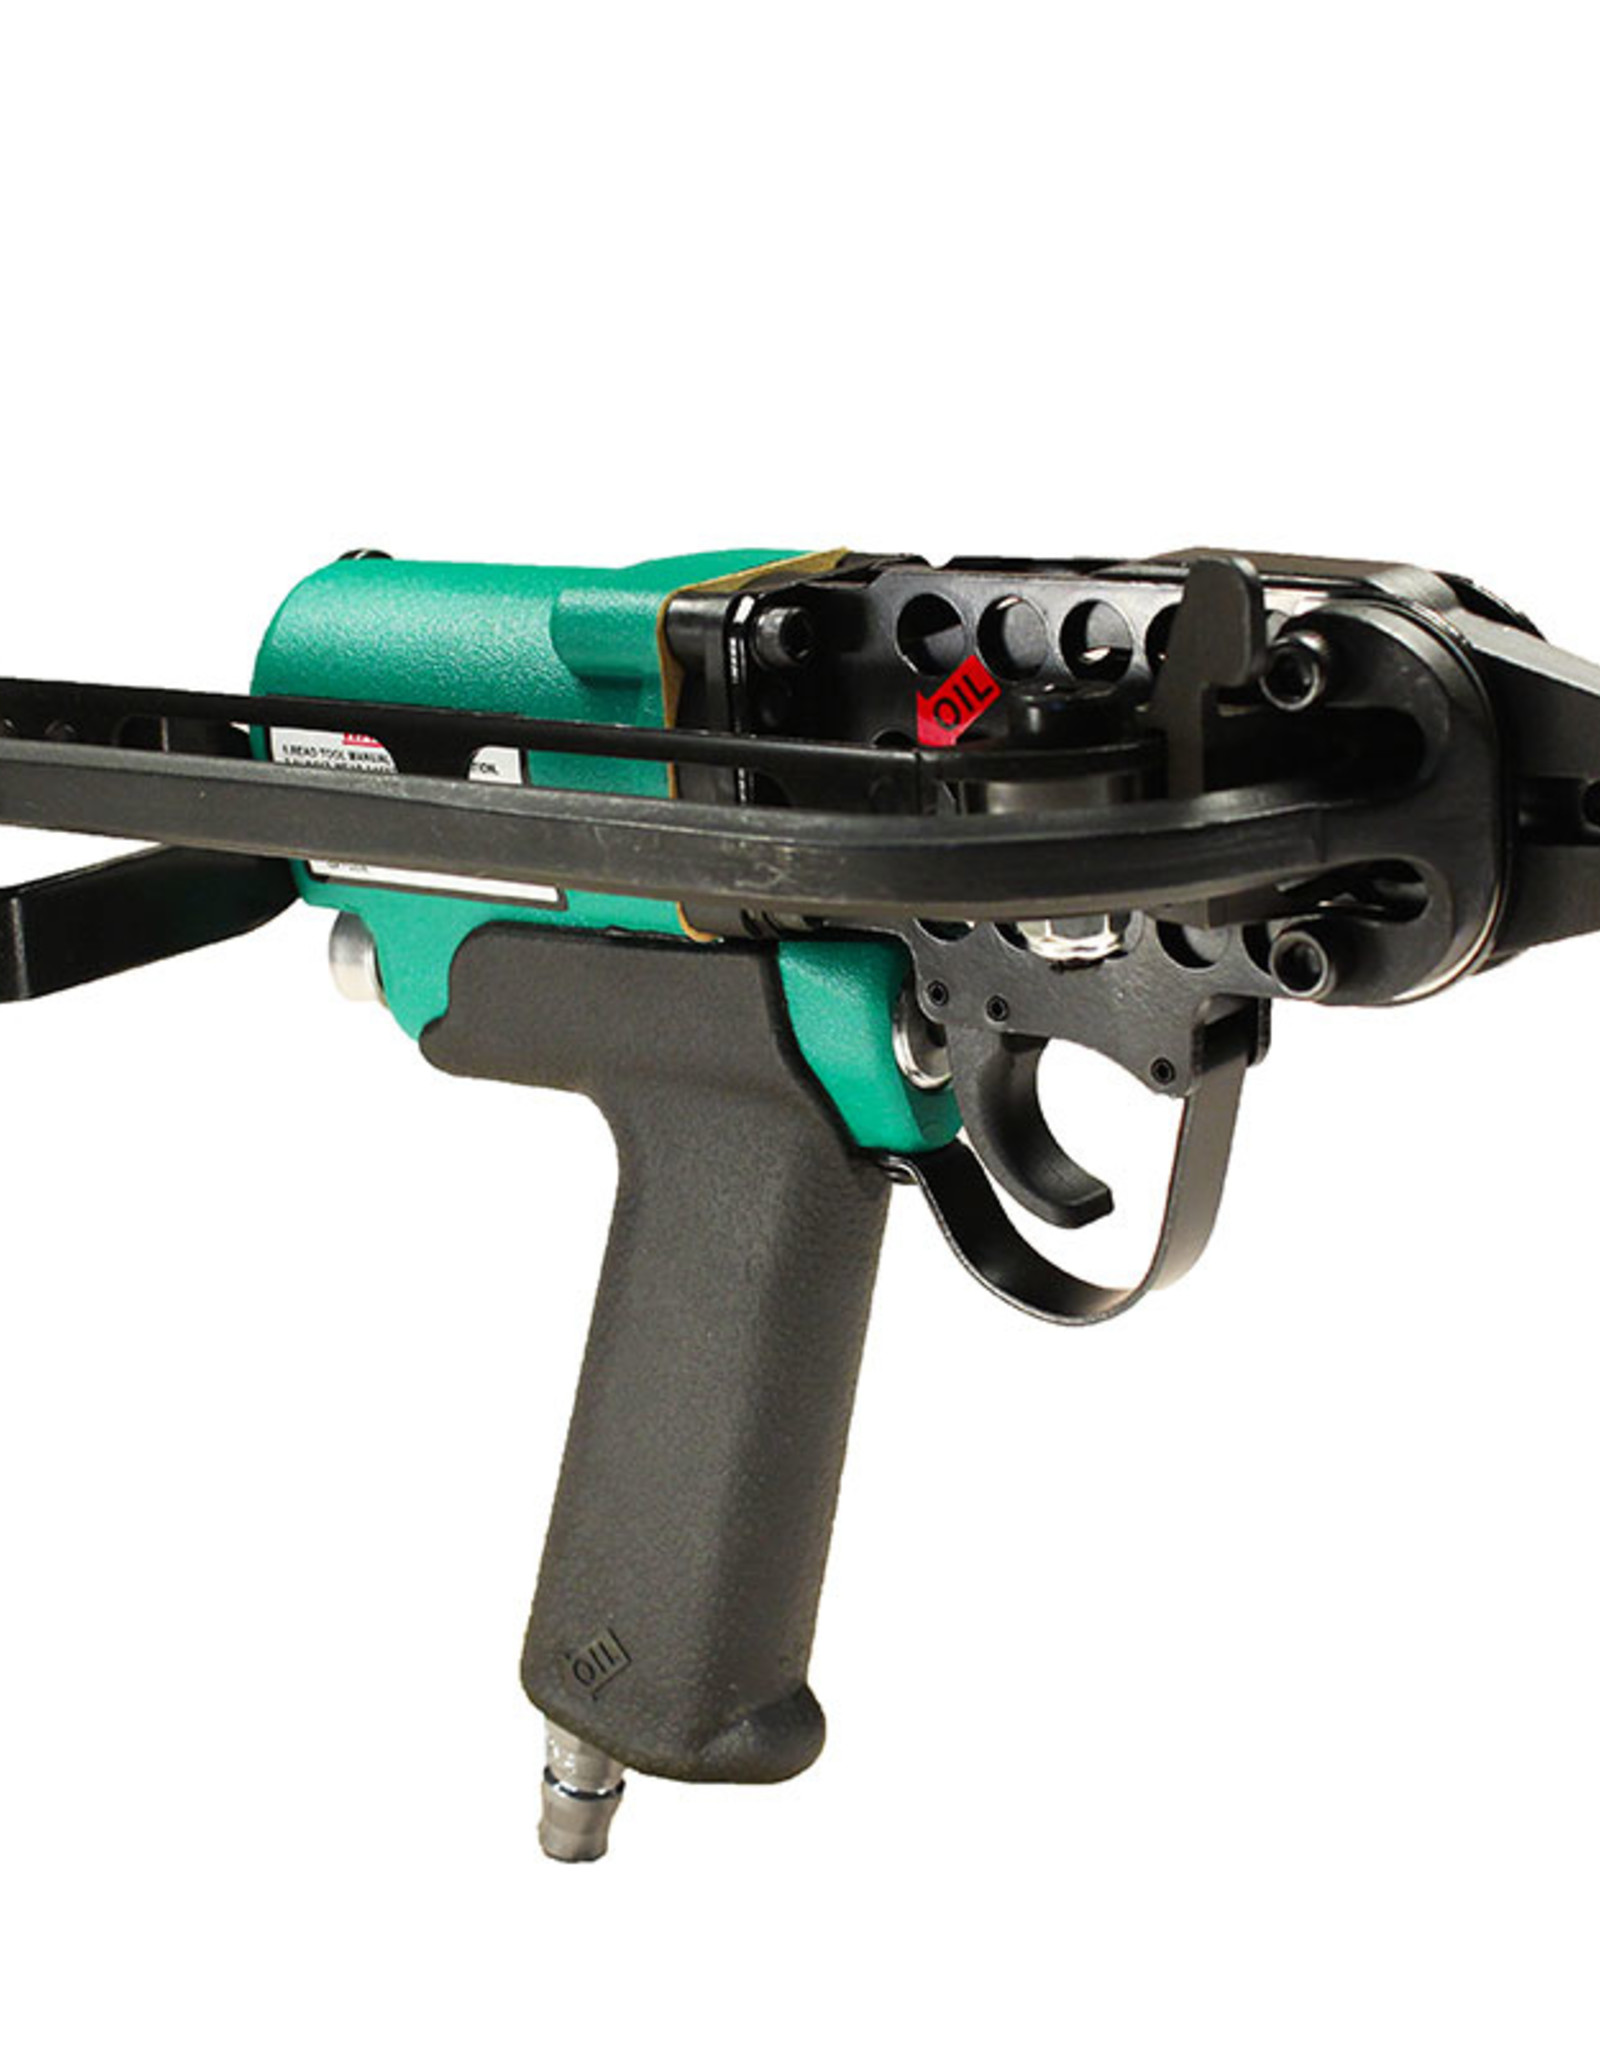 ASC Pneumatic Hog Ringer, Model ASC-761